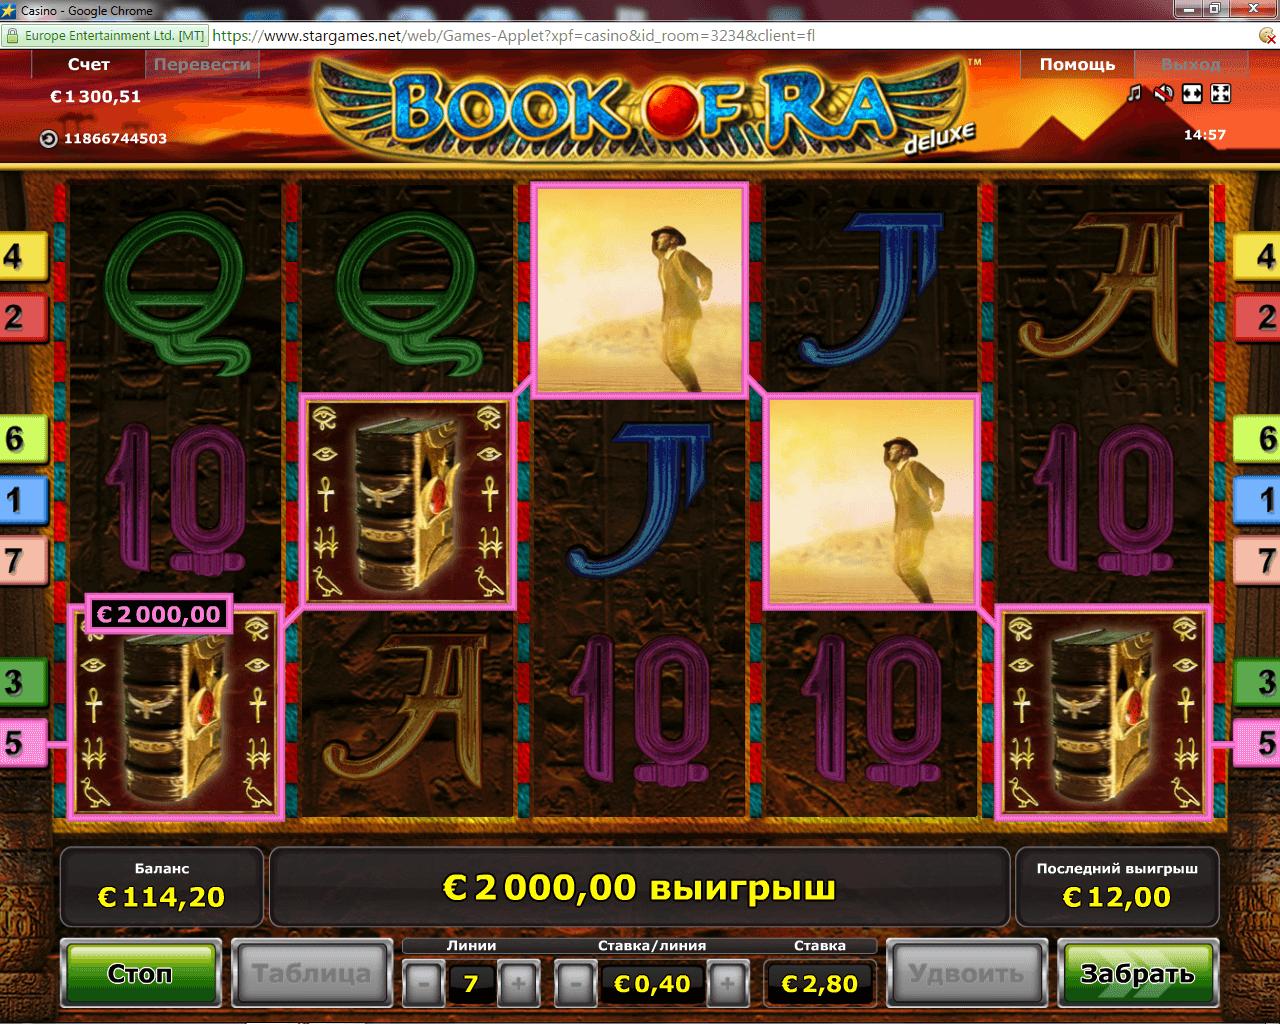 Играть в бесплатные игровые автоматы без регистрации